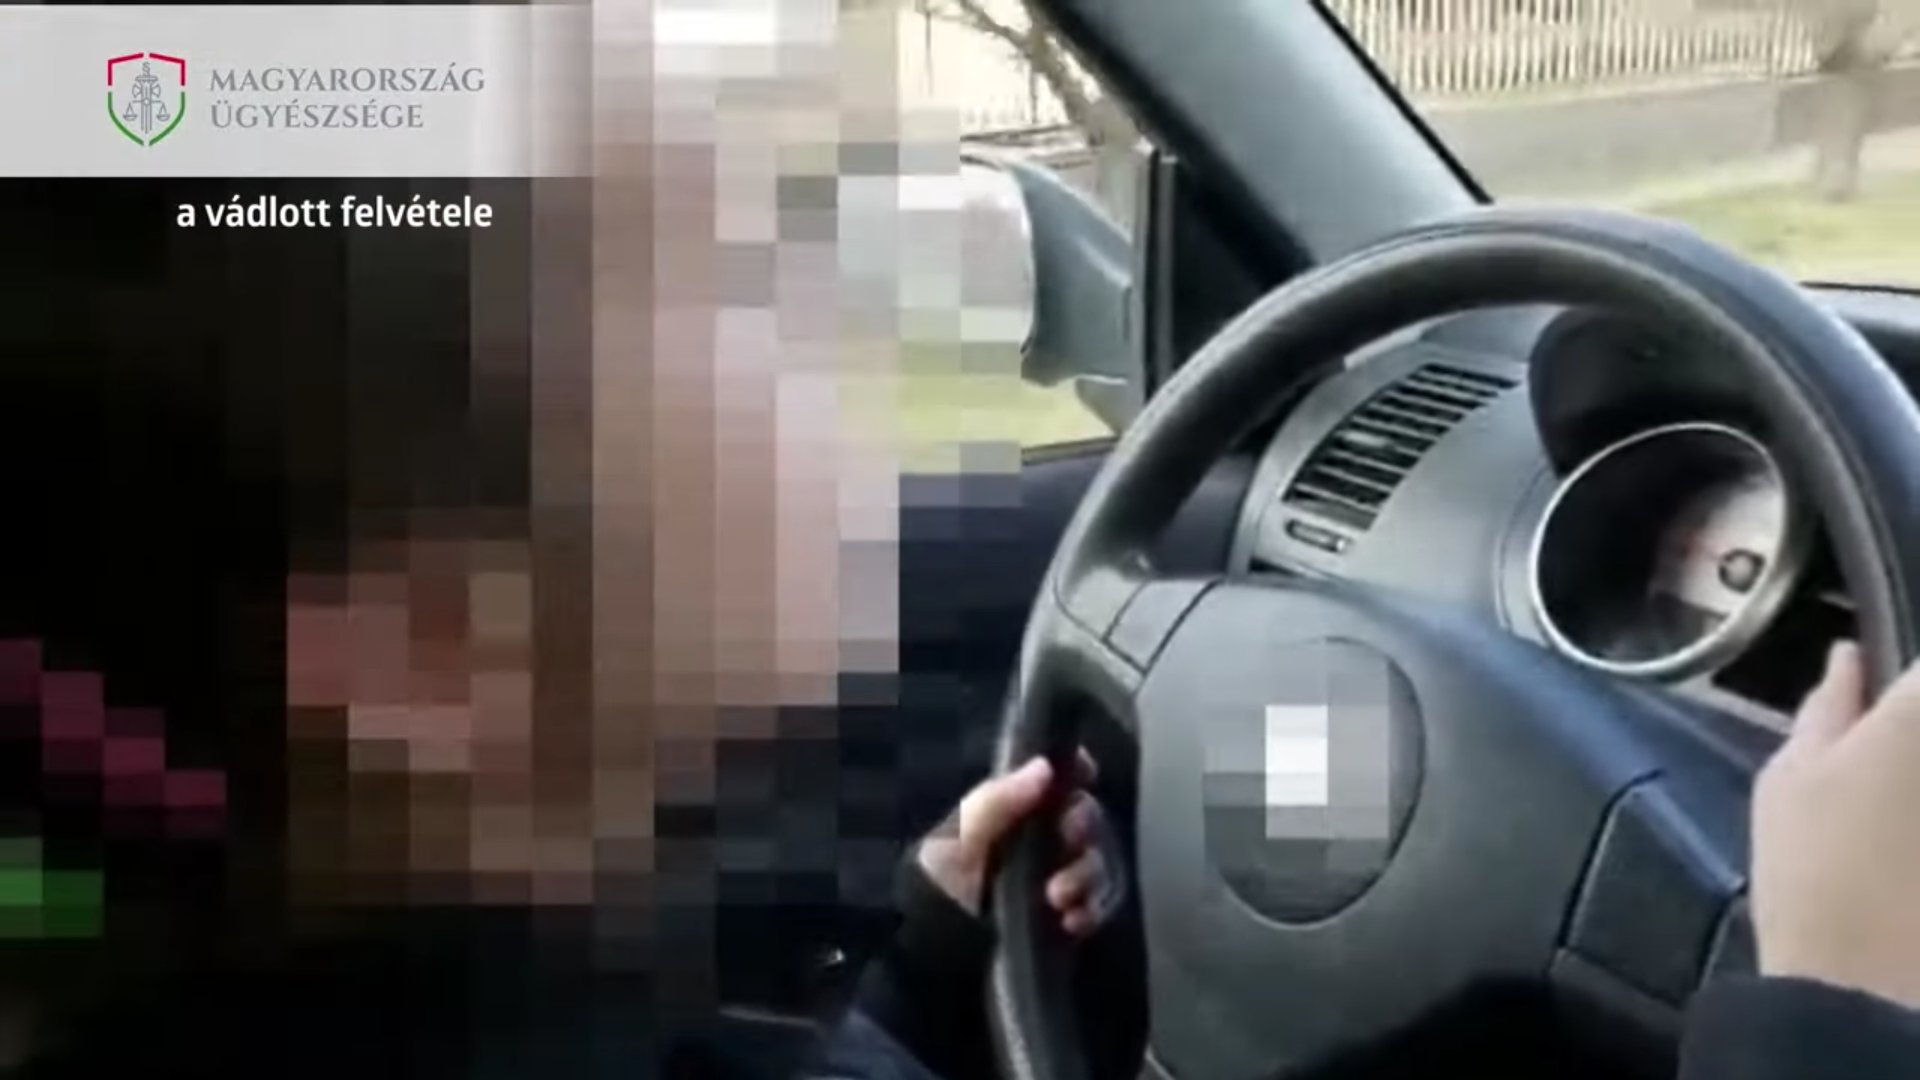 10 éves kislány vezette az autót